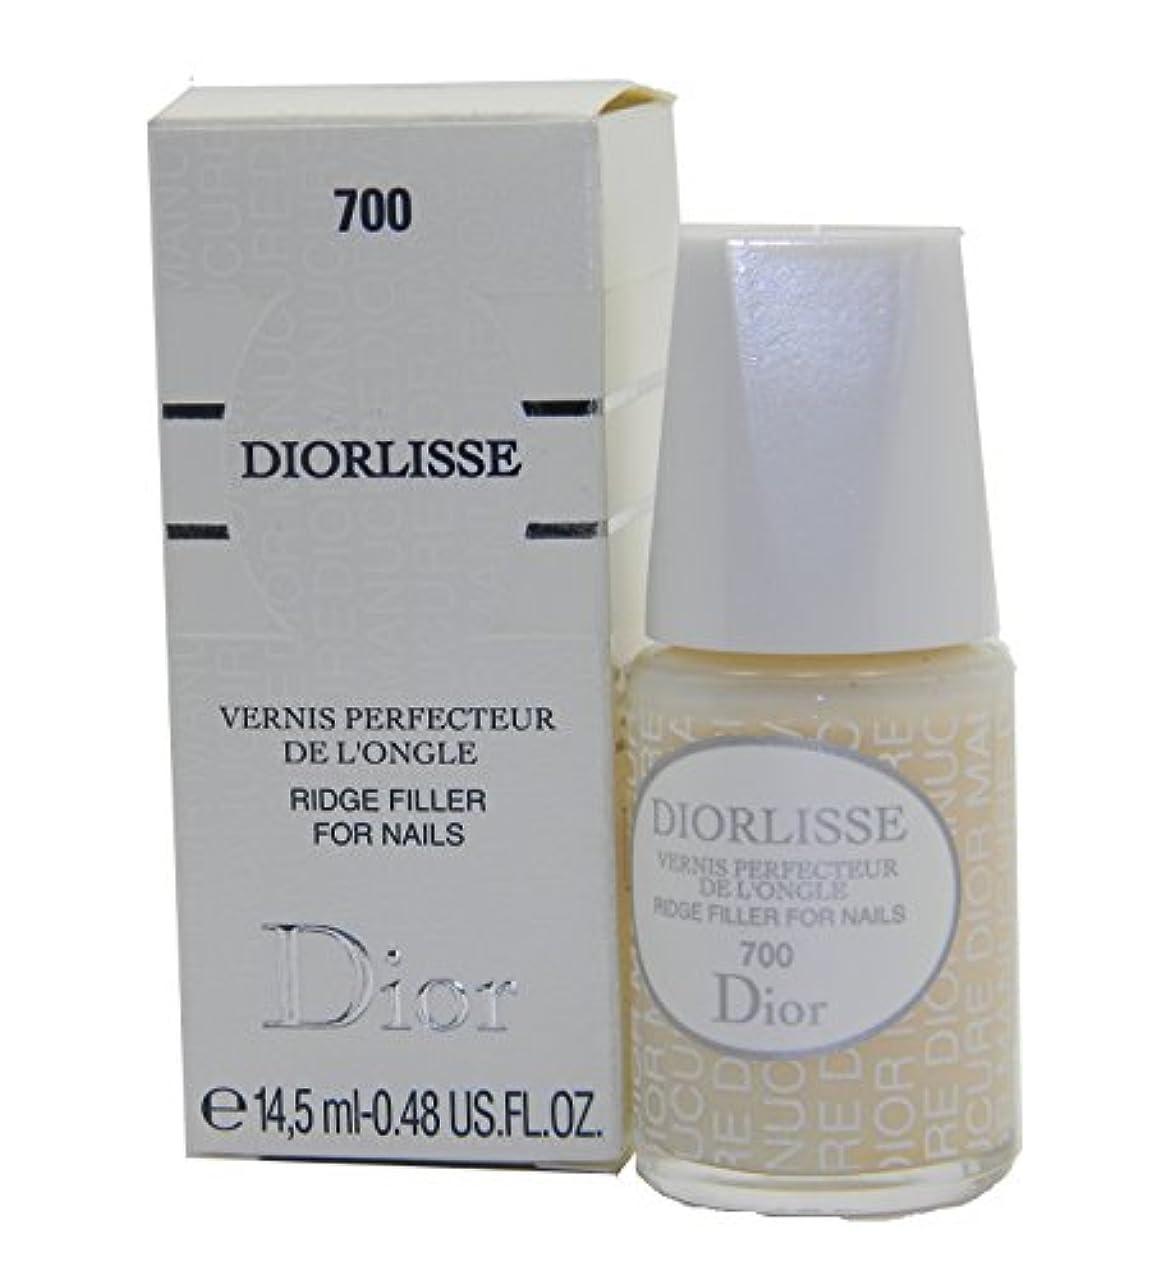 エスカレート肯定的しかしながらDior Diorlisse Ridge Filler For Nail 700(ディオールリス リッジフィラー フォーネイル 700)[海外直送品] [並行輸入品]